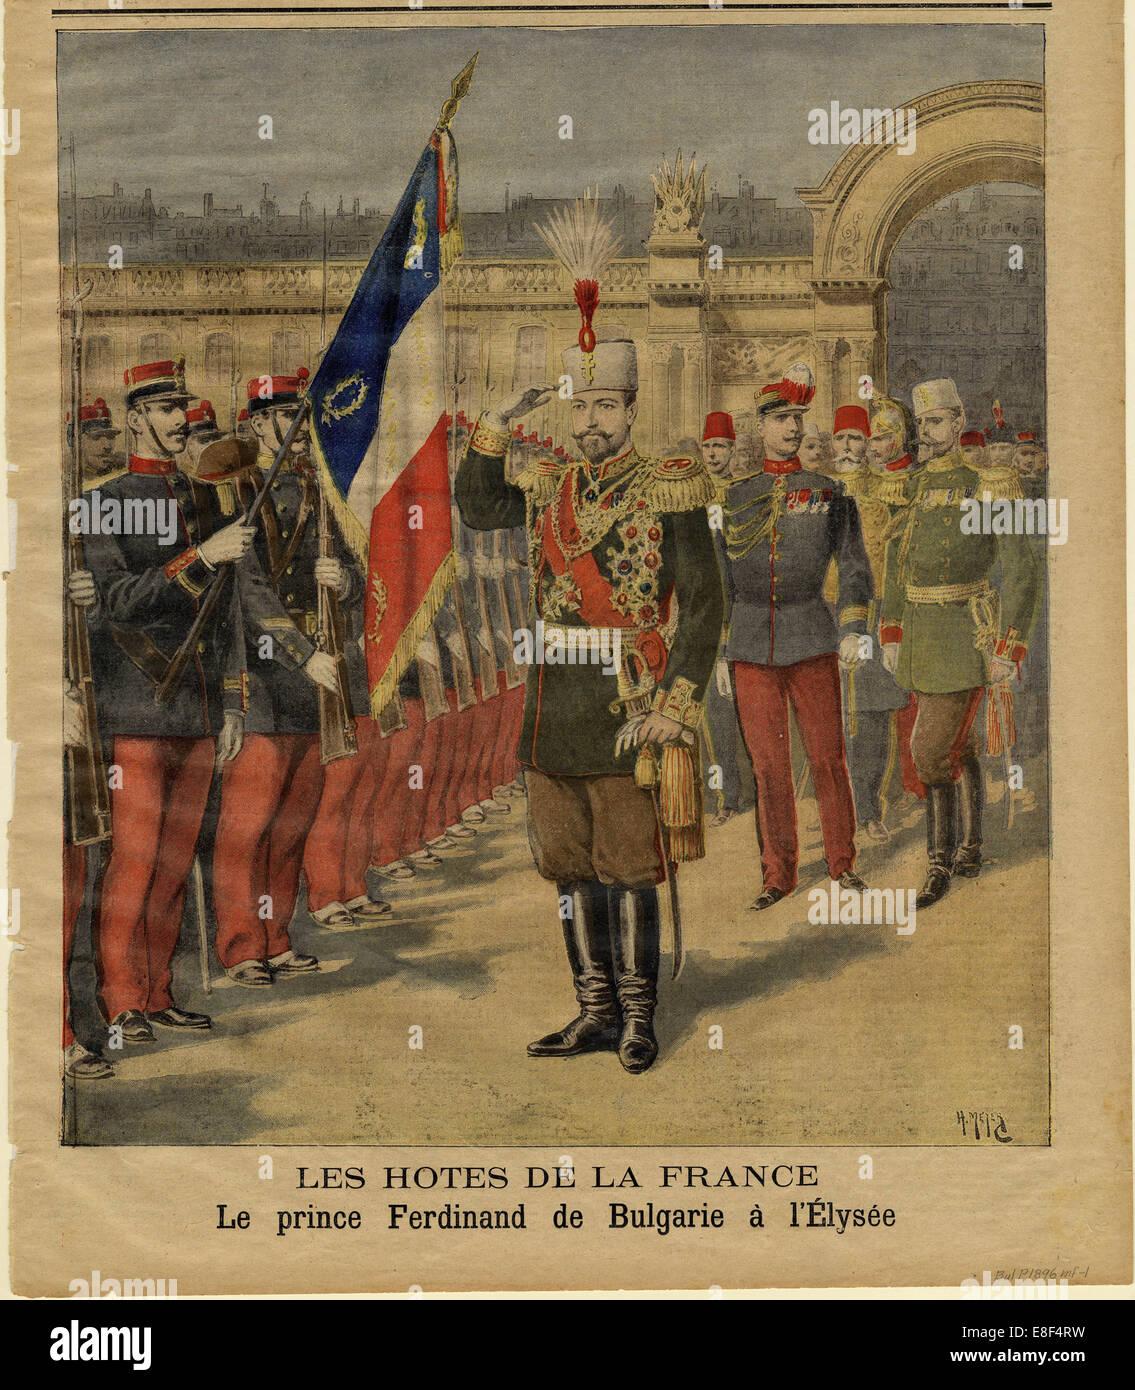 Ferdinand I of Bulgaria at the Élysée Palace. Artist: Meyer, Henri (1844-1899) - Stock Image